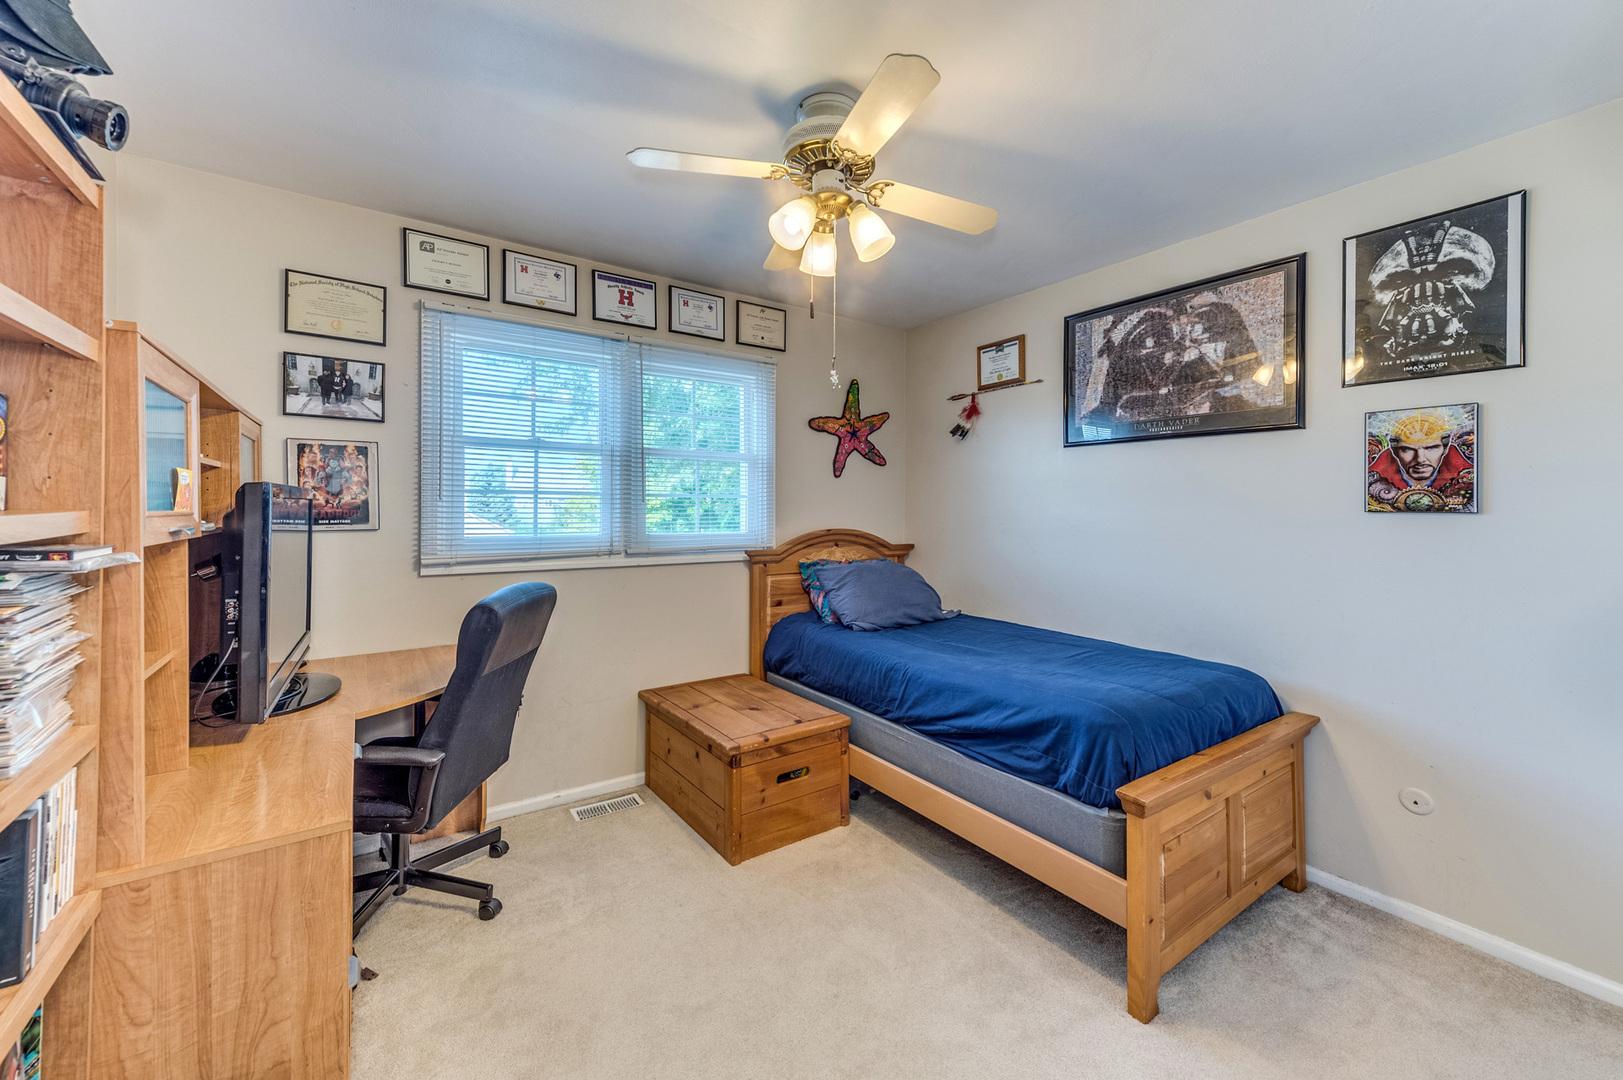 1165 Kingsdale, HOFFMAN ESTATES, Illinois, 60169